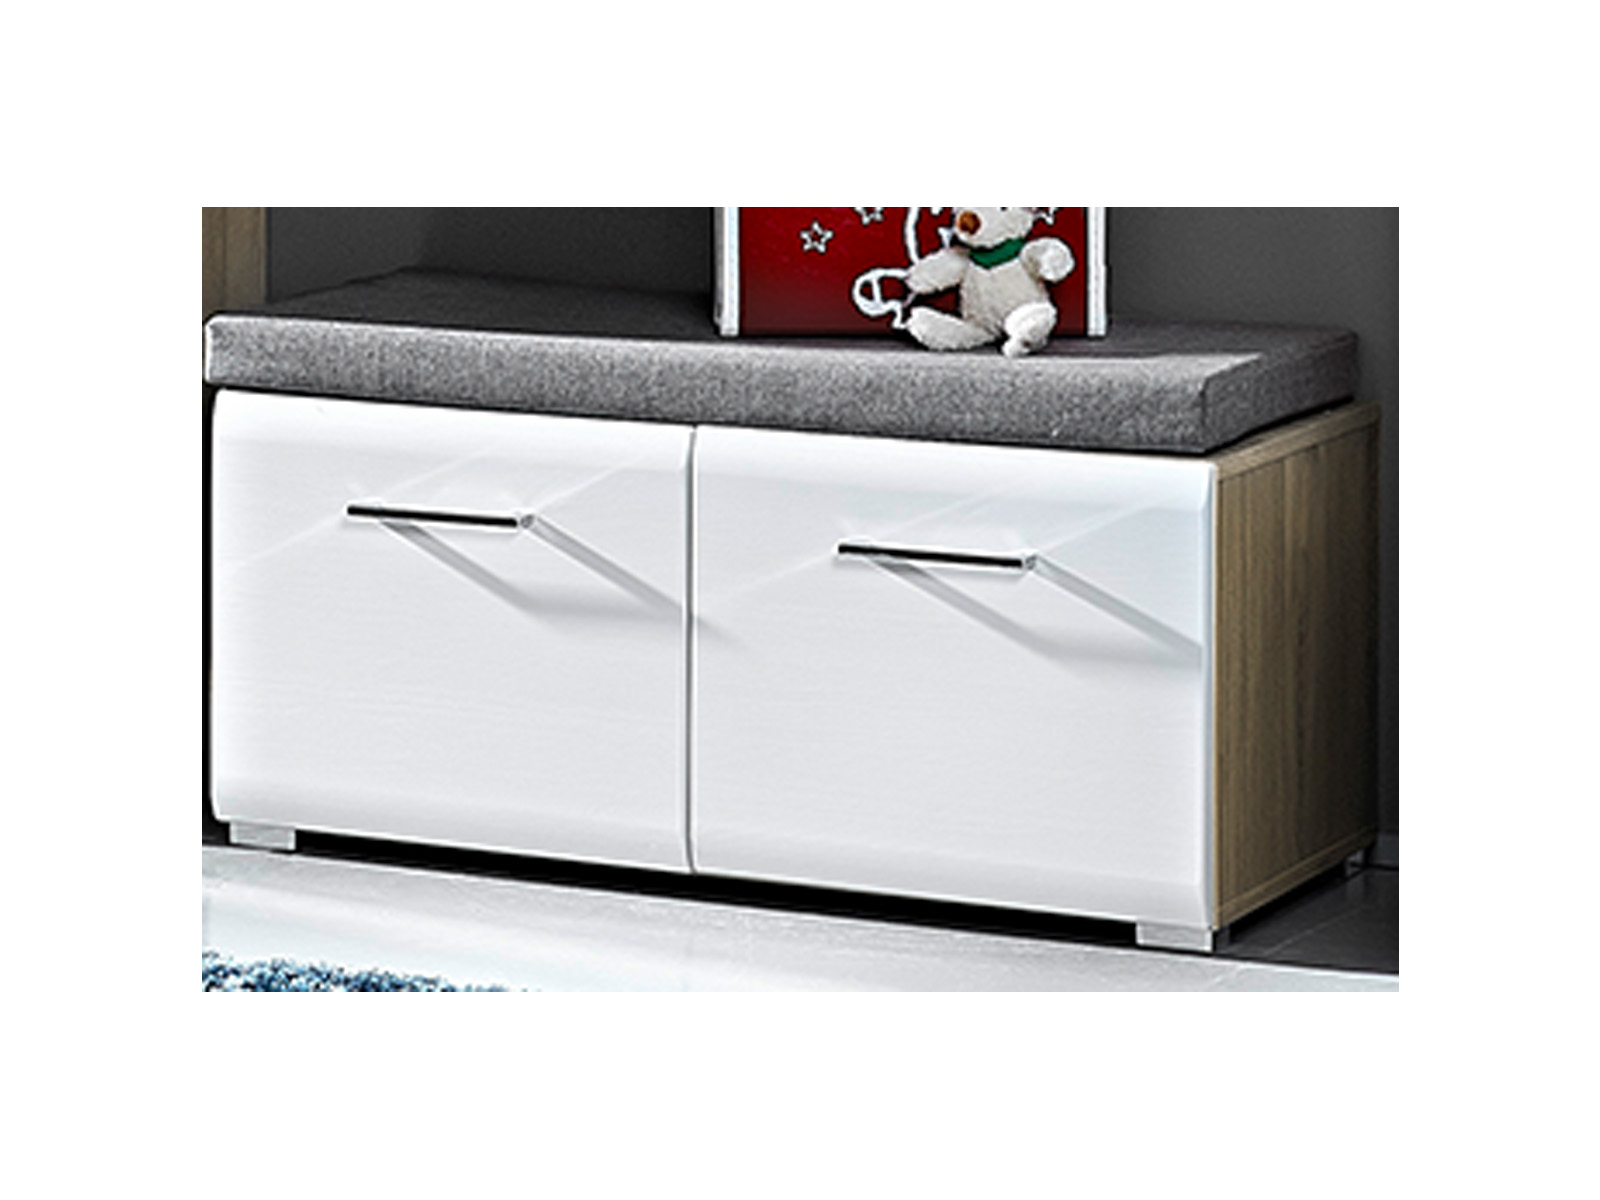 garderobe flurgarderobe komplett garderobe garderobenset diele m bel allison i ebay. Black Bedroom Furniture Sets. Home Design Ideas